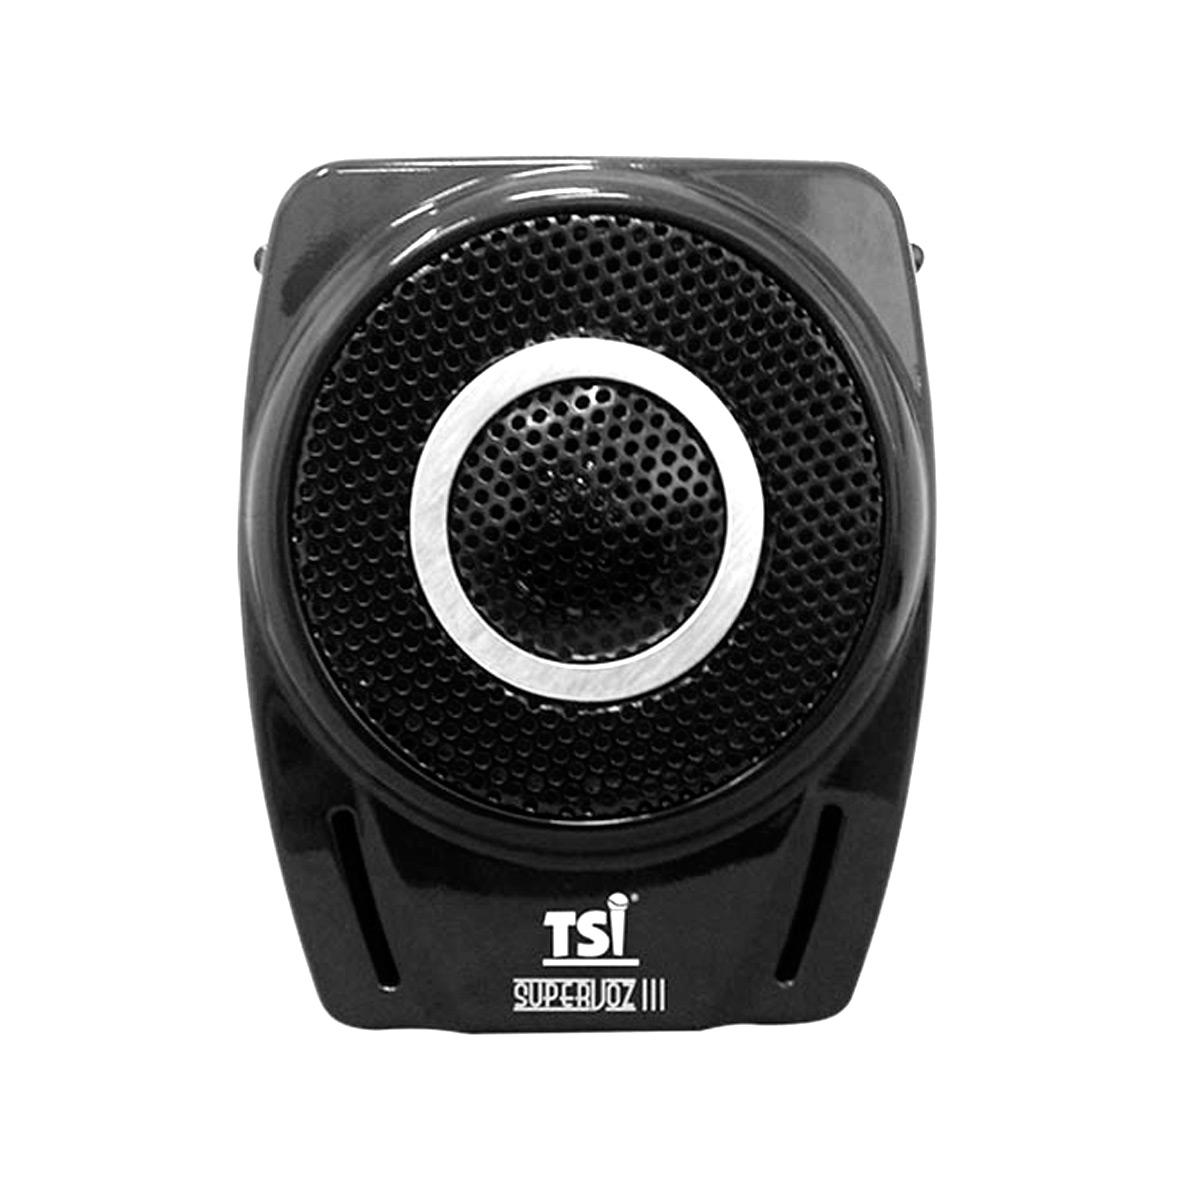 TSIE8M - Kit Professor Portátil c/ Caixa + Microfone c/ Fio Supervoz III TSI E8M - TSI